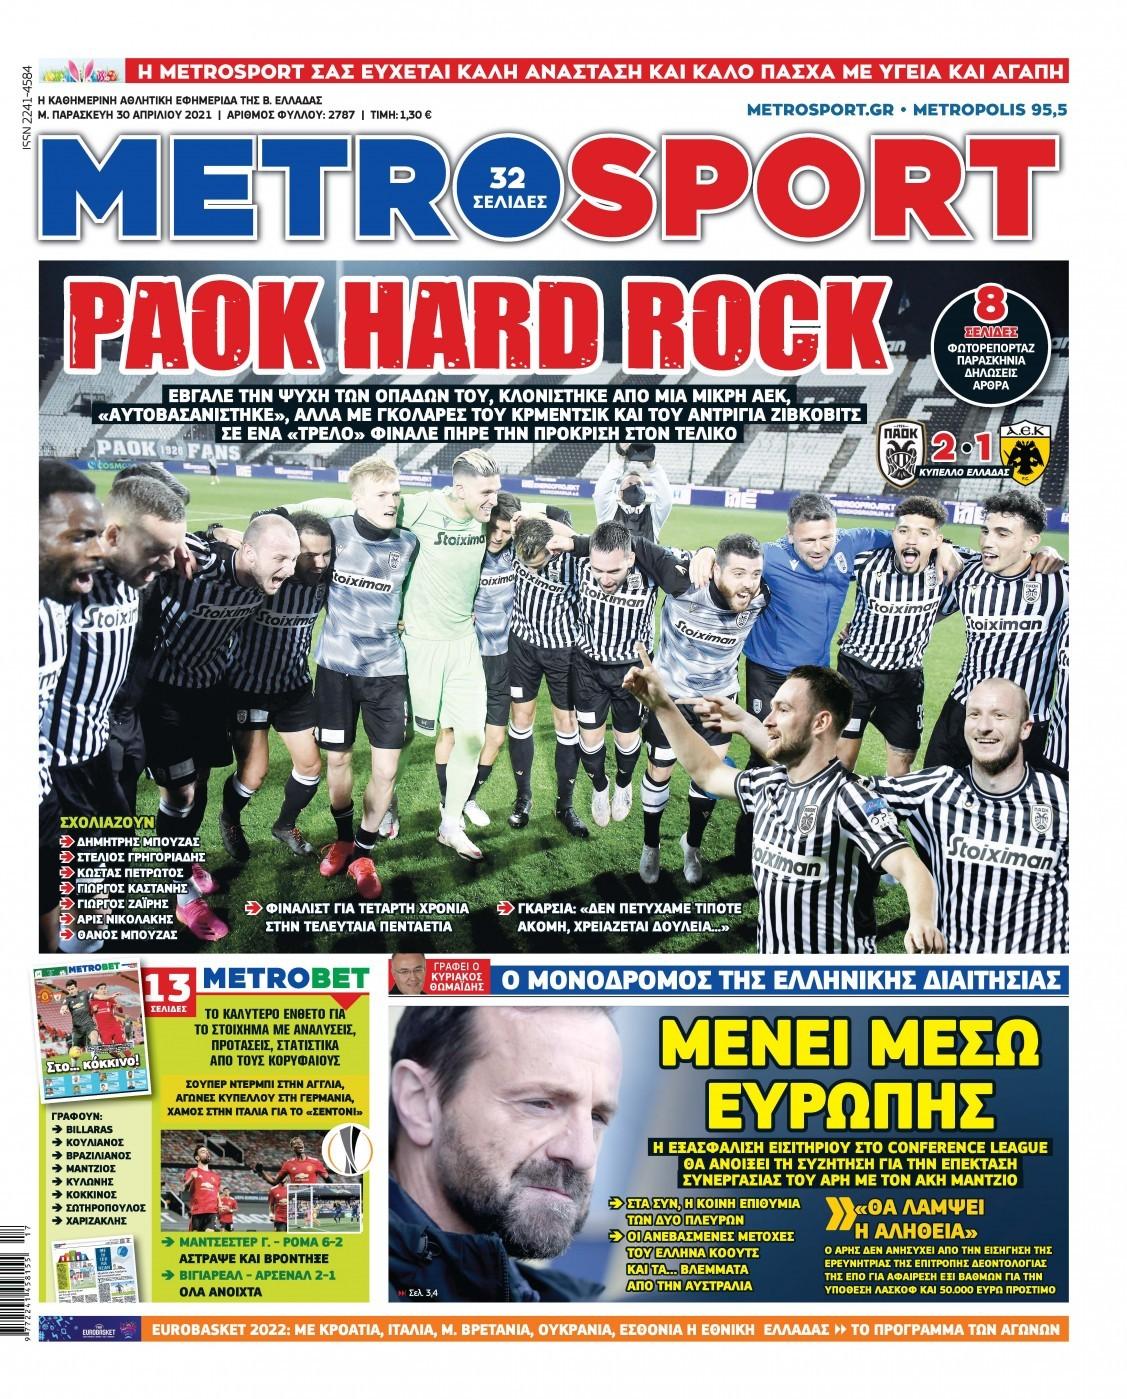 Πρωτοσέλιδο Metrosport 30/4